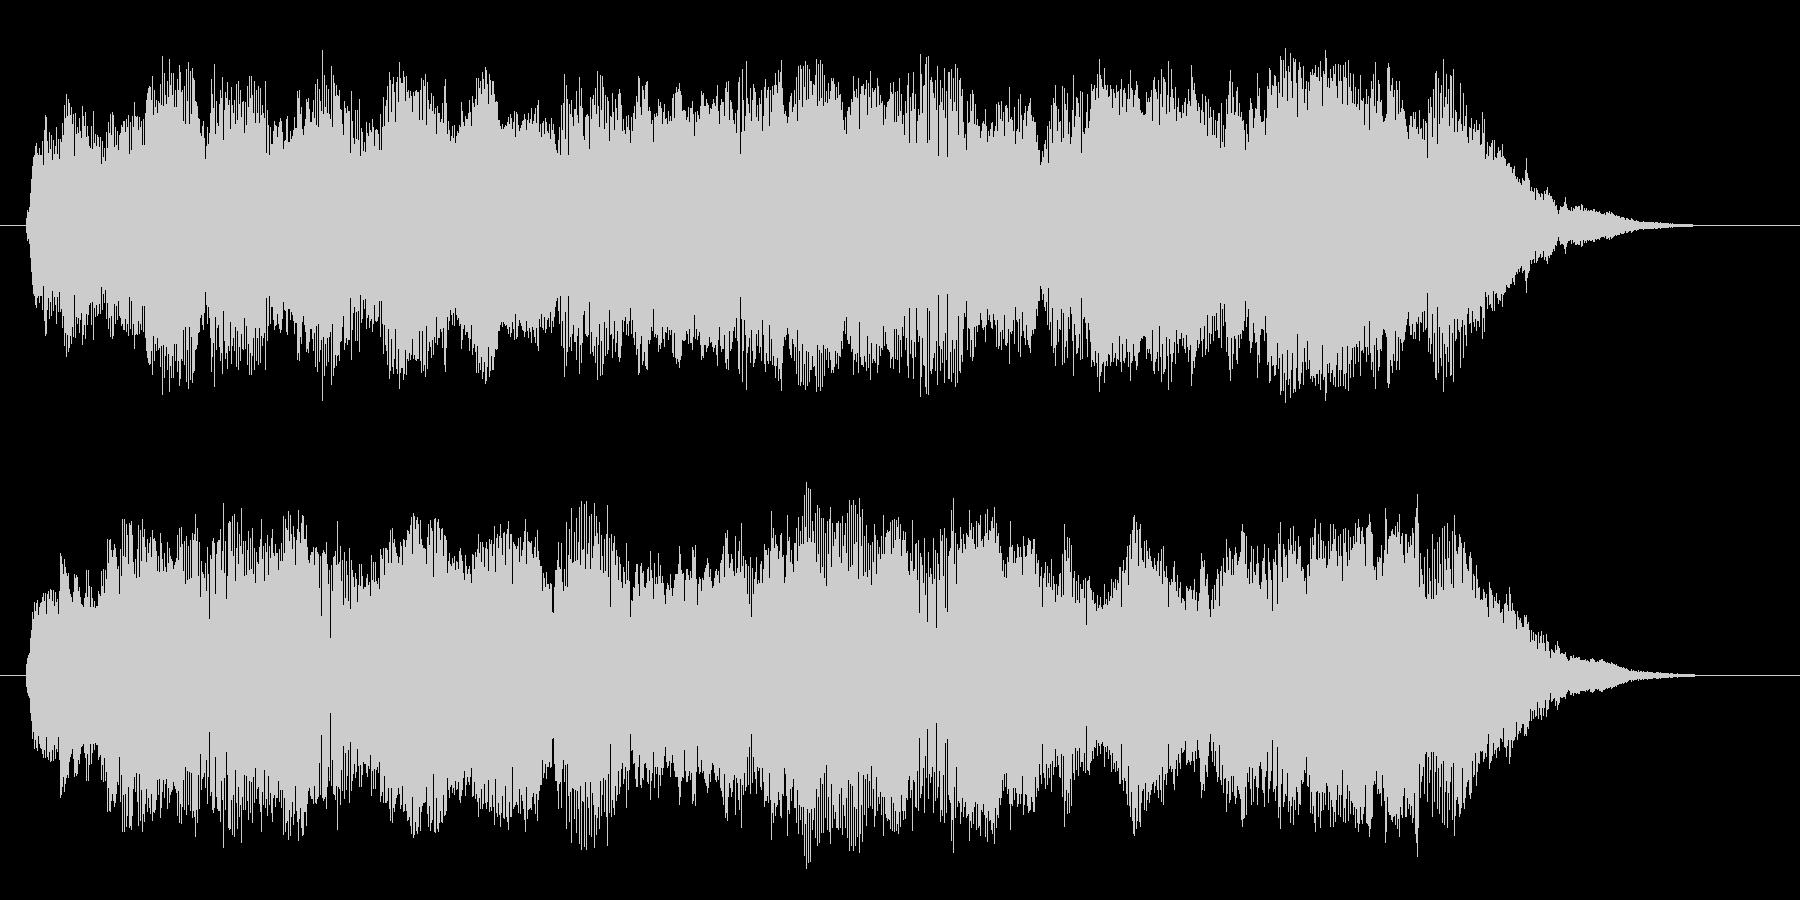 切ないシンセサイザーサウンドのインスト曲の未再生の波形